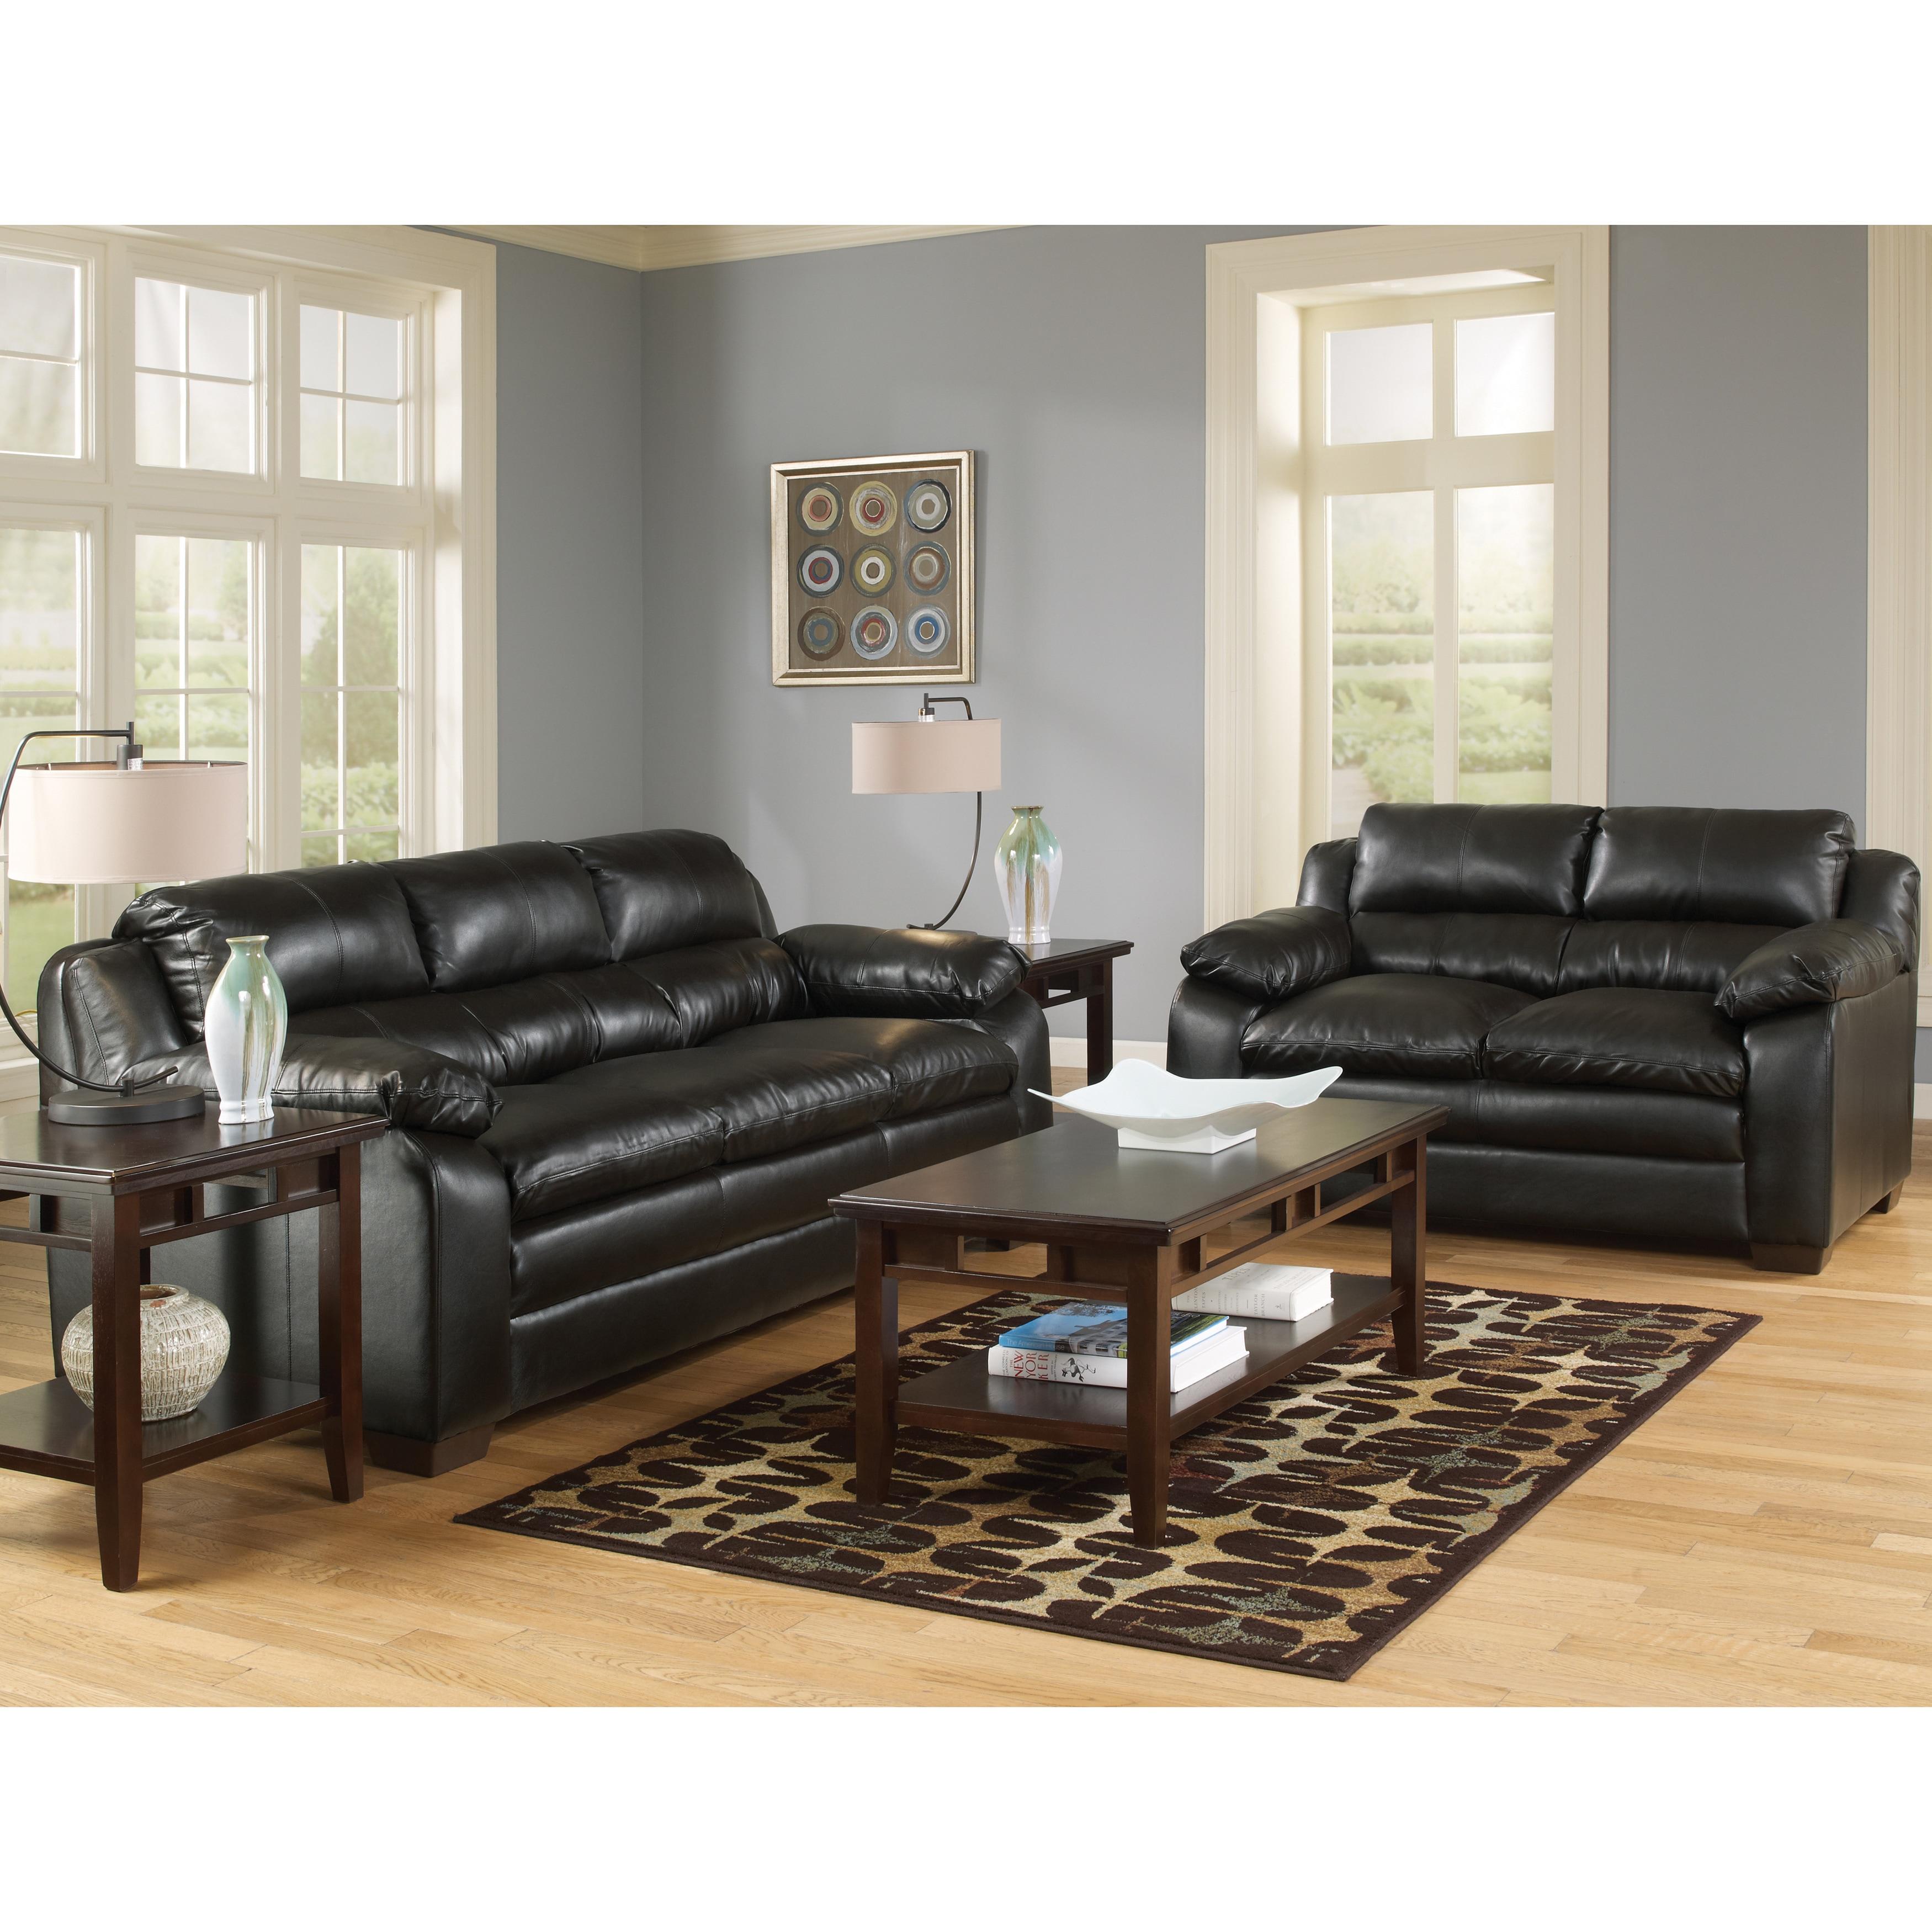 Top Image Art Van Living Room Sets